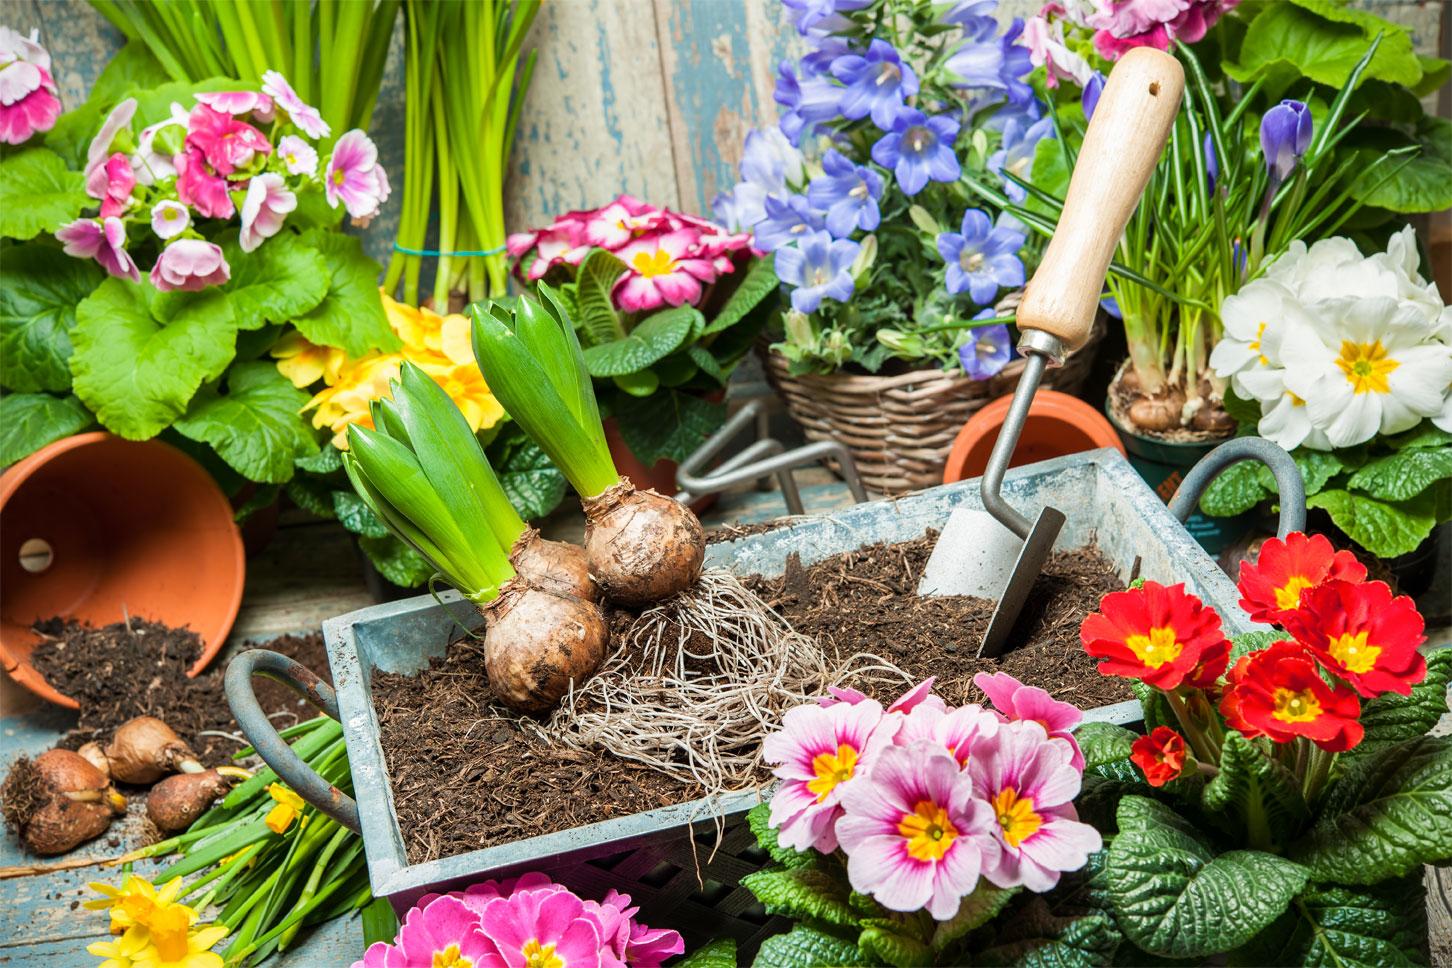 dianthos gardening